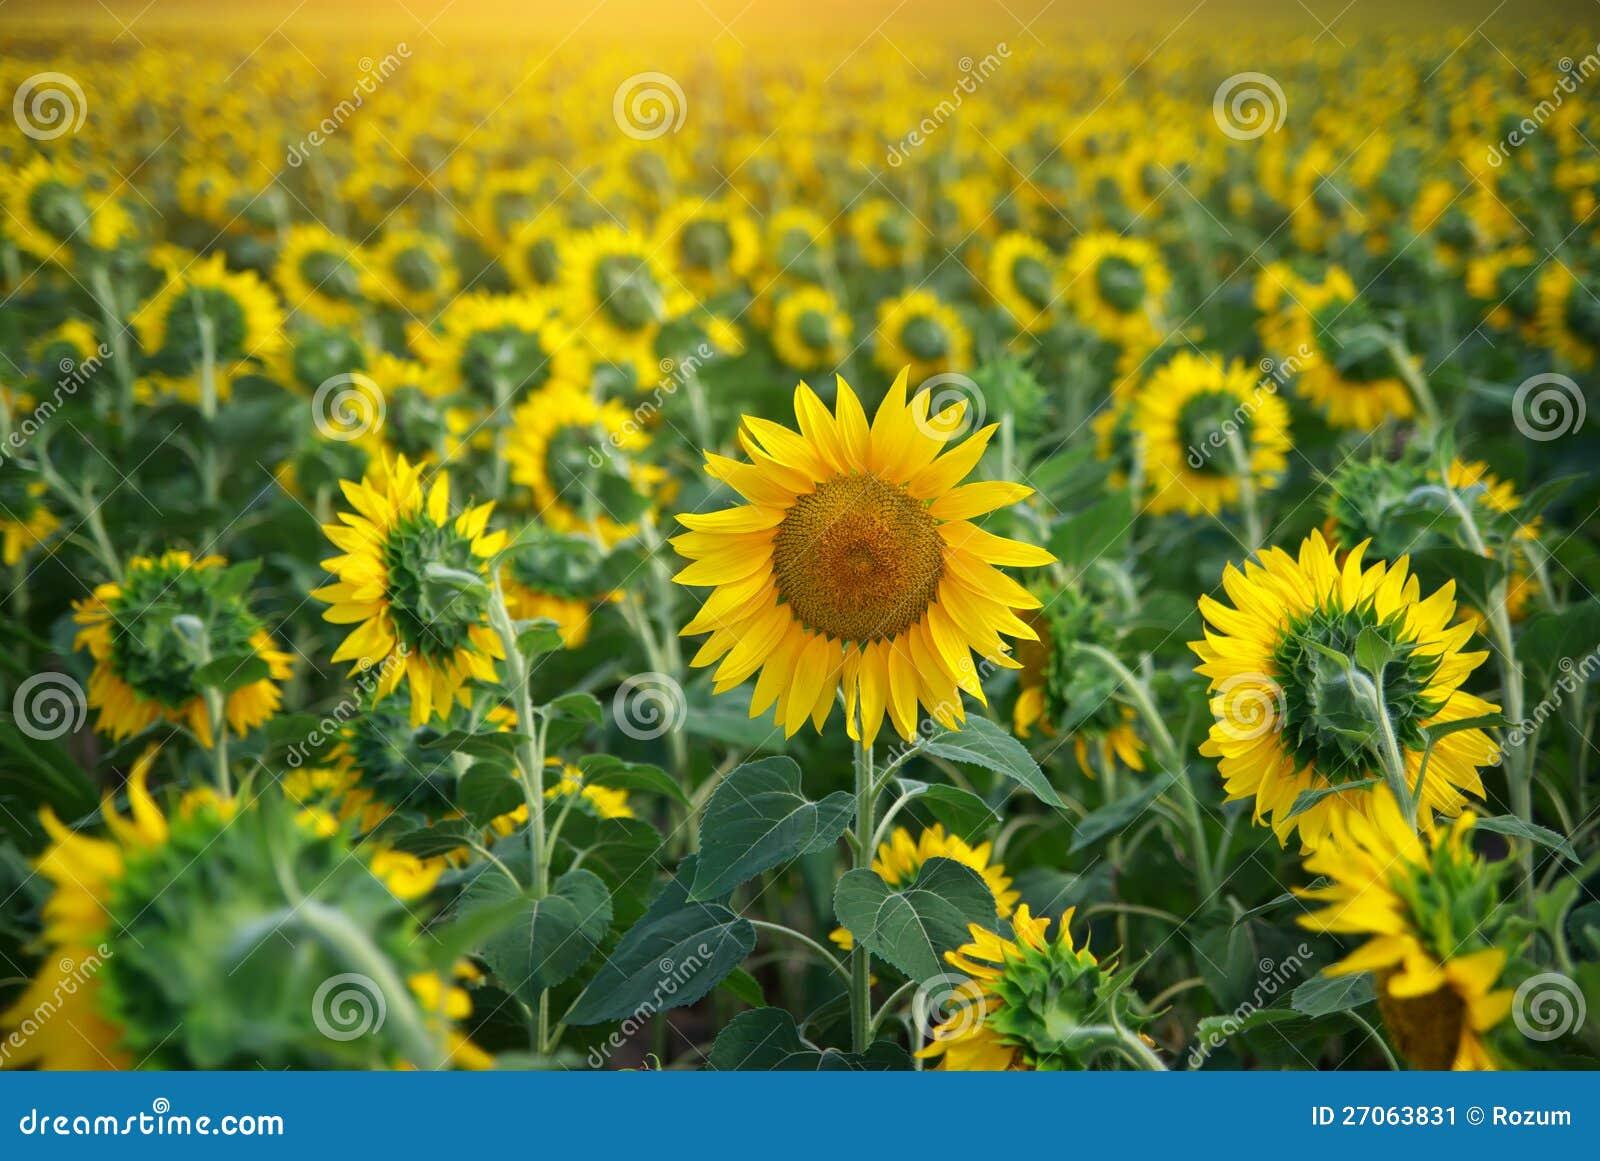 Индивидуальный солнцецвет